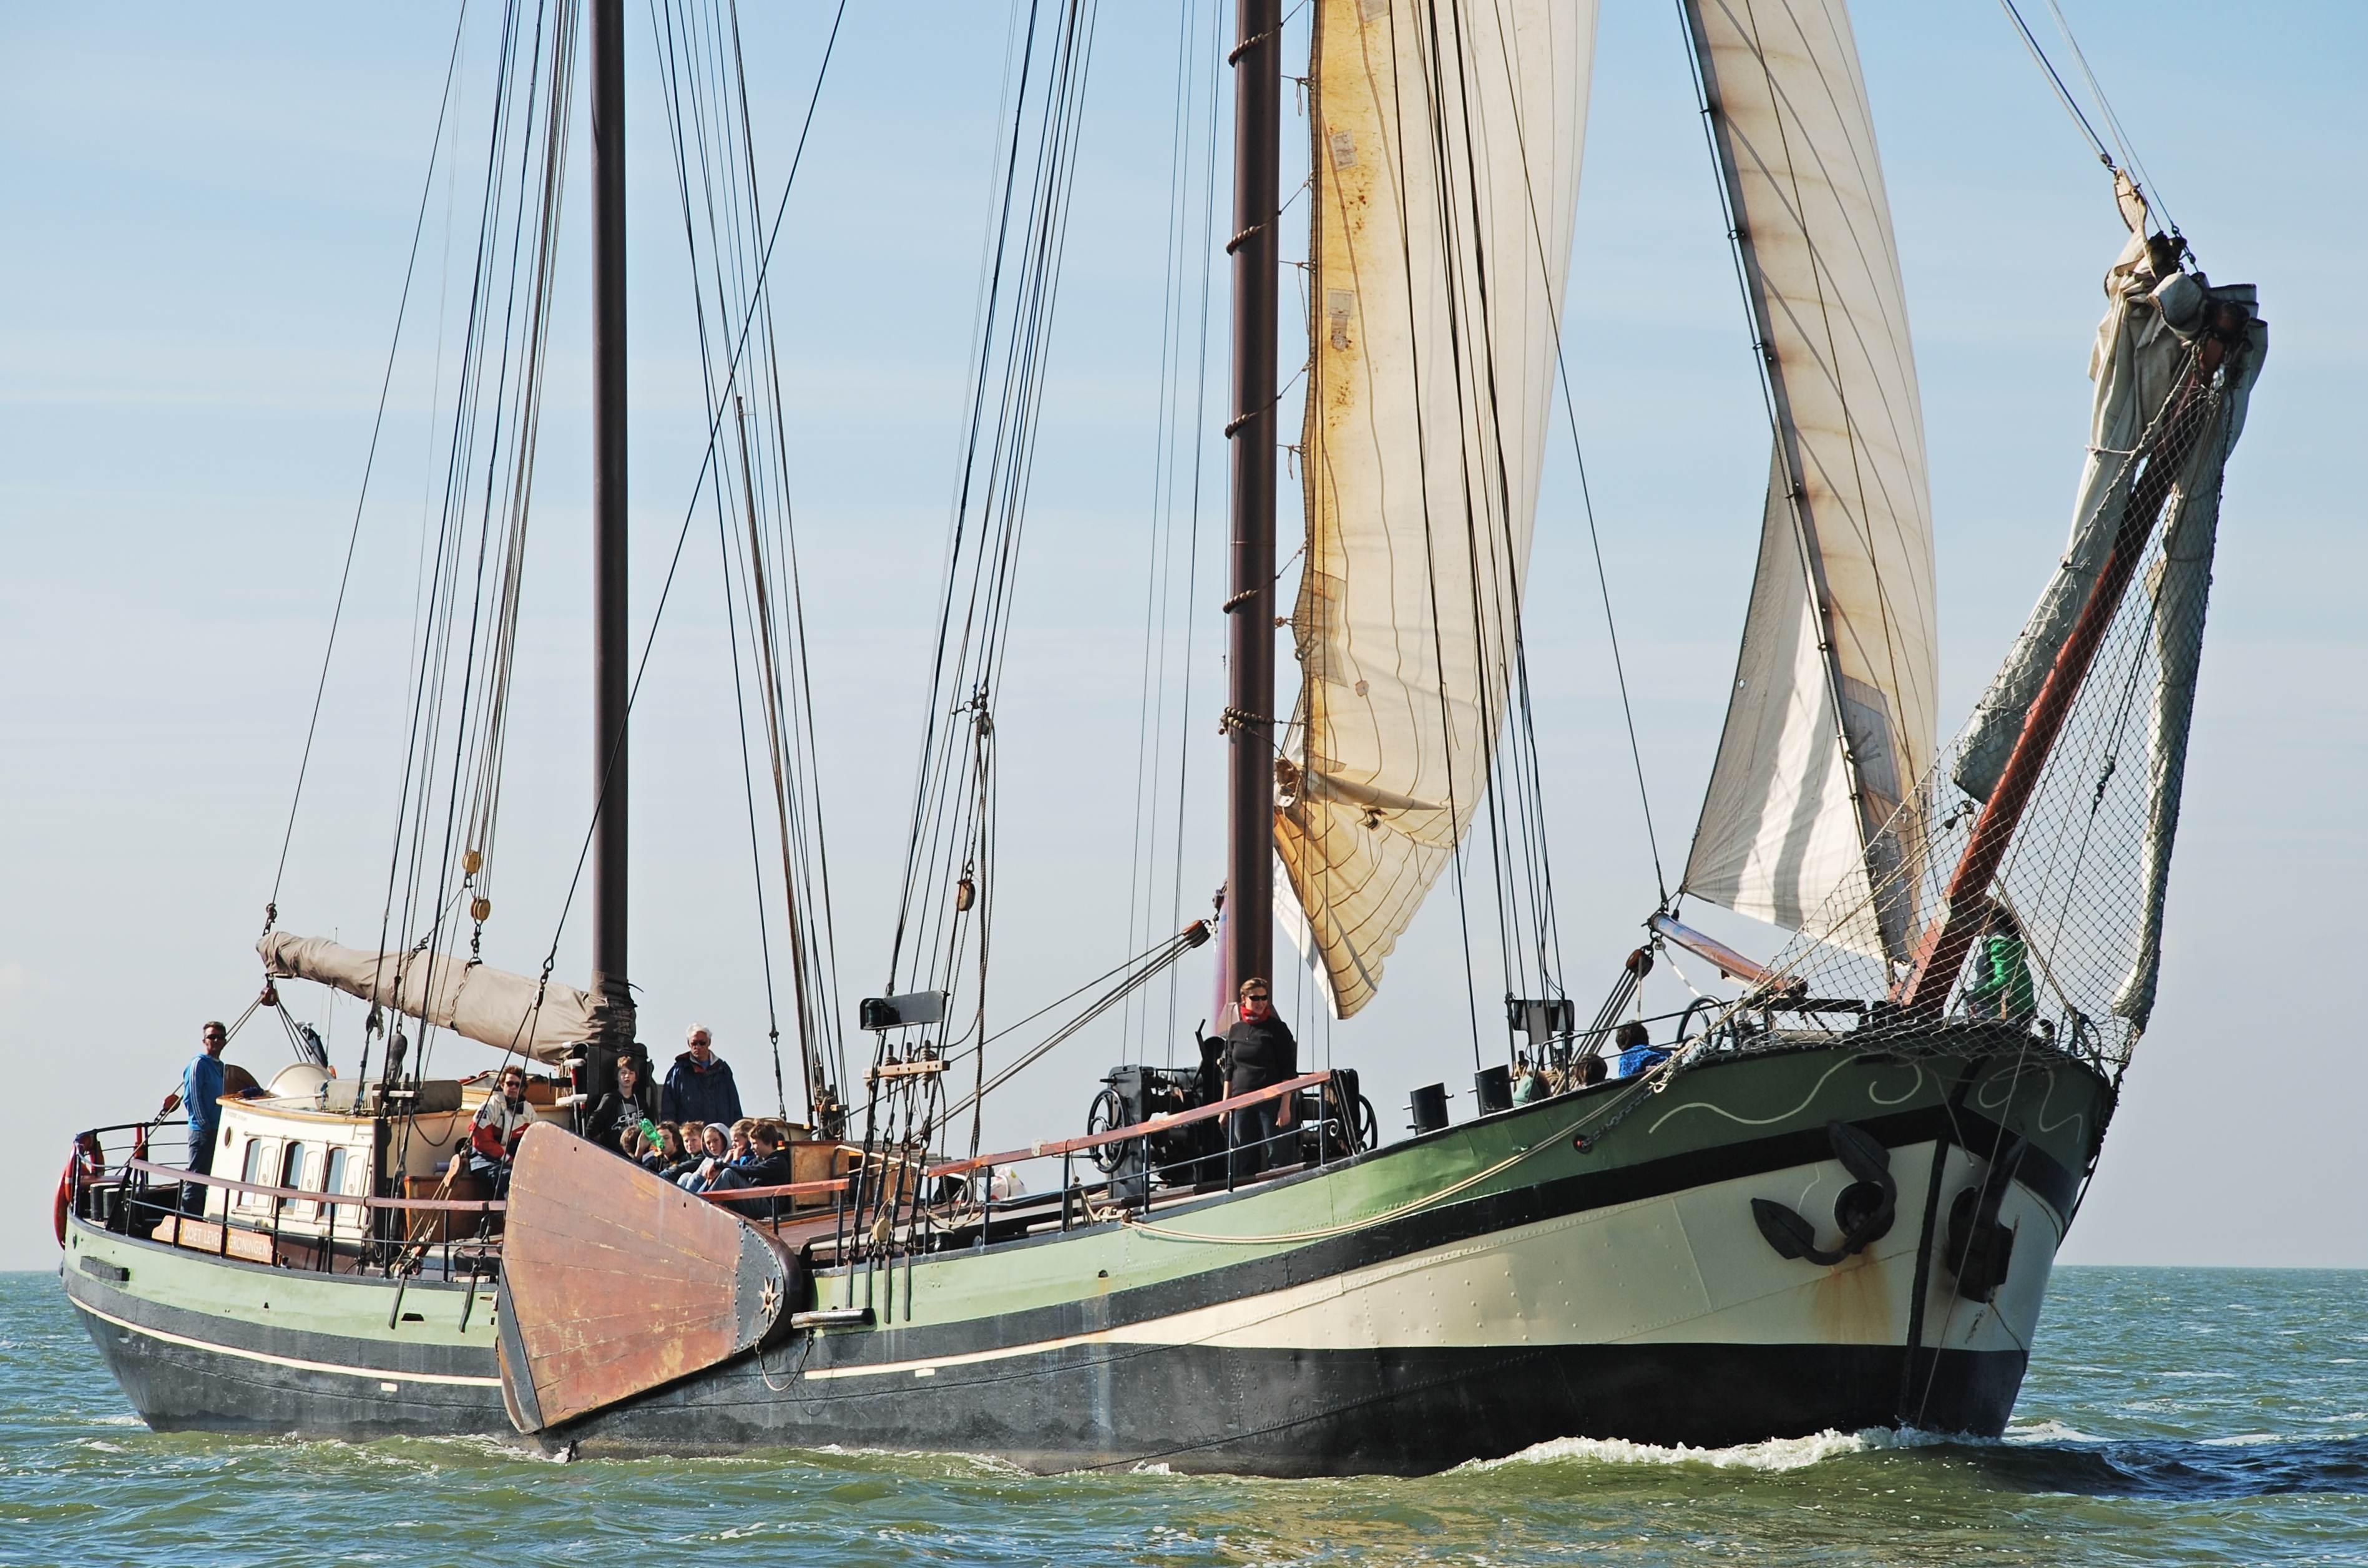 zeilen op IJsselmeer of Waddenzee met de tweemastklipper Hoop Doet Leven vanuit Stavoren